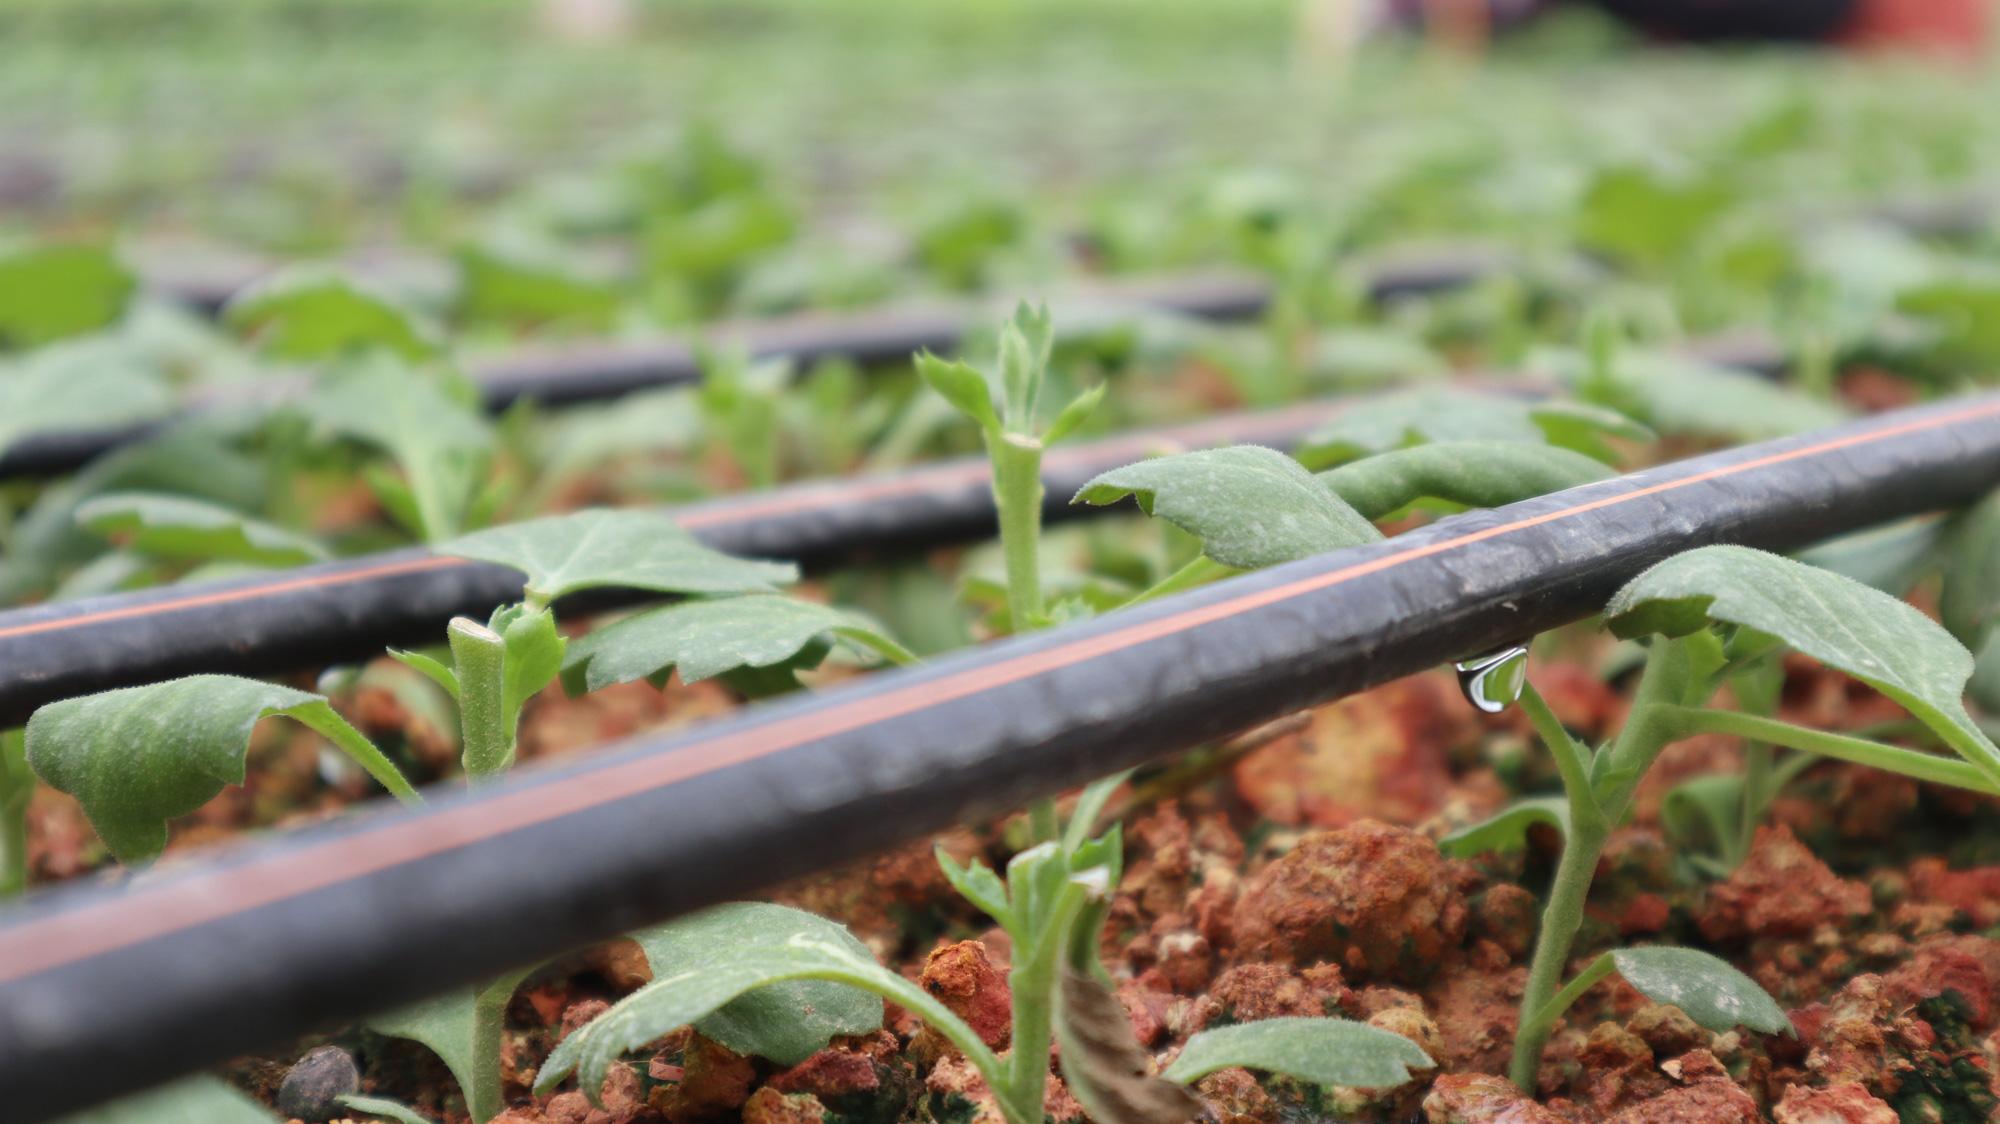 Hơn 15 năm phát triển NNCNC ở Lâm Đồng Bài 3: Nông nghiệp hữu cơ sẽ là hướng đi mới - Ảnh 5.